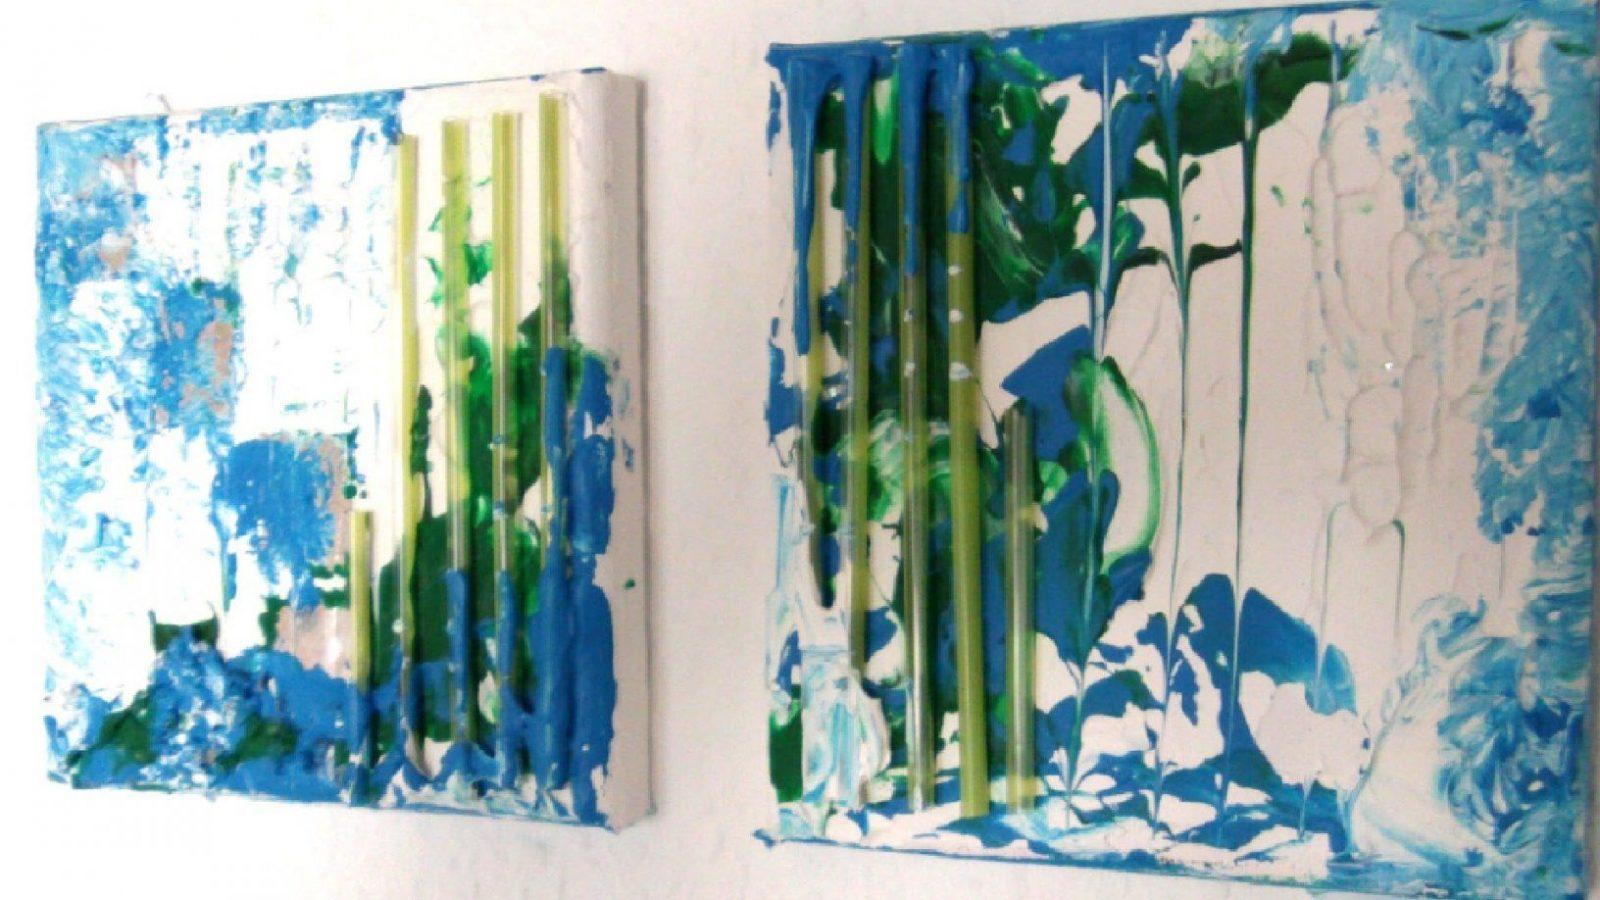 Von Wandbilder Selber Malen Vorlagen Ideen Avec Bild Malen Ideen Et von Bilder Selber Malen Ideen Bild